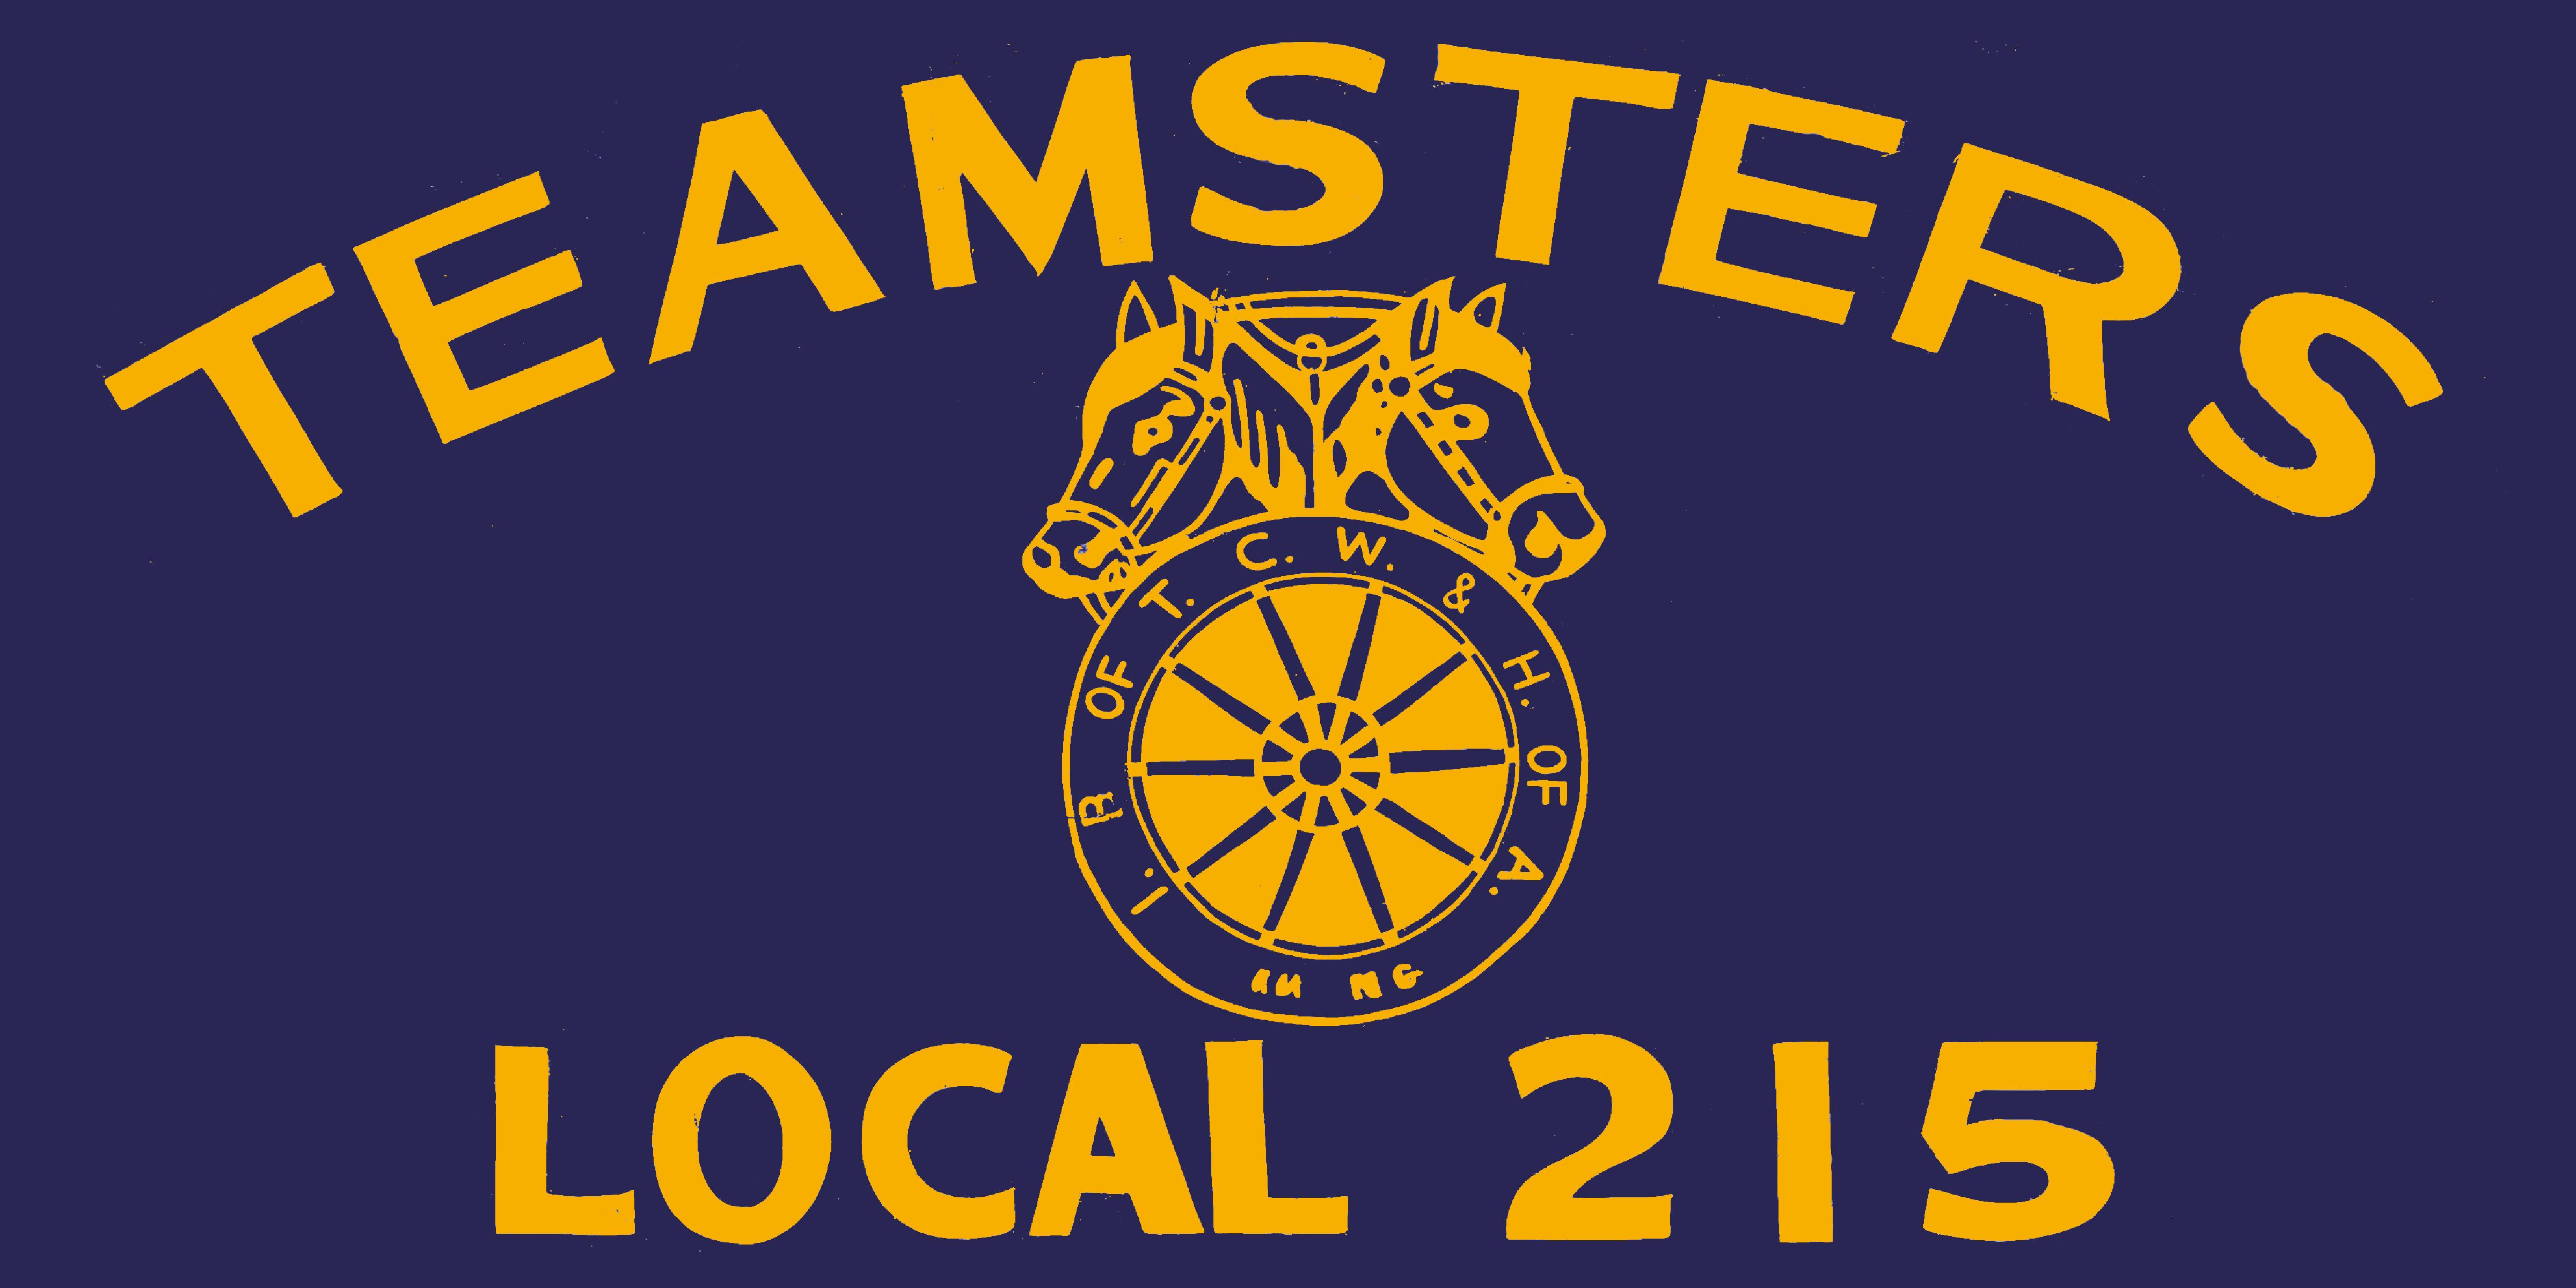 Teamsters #215